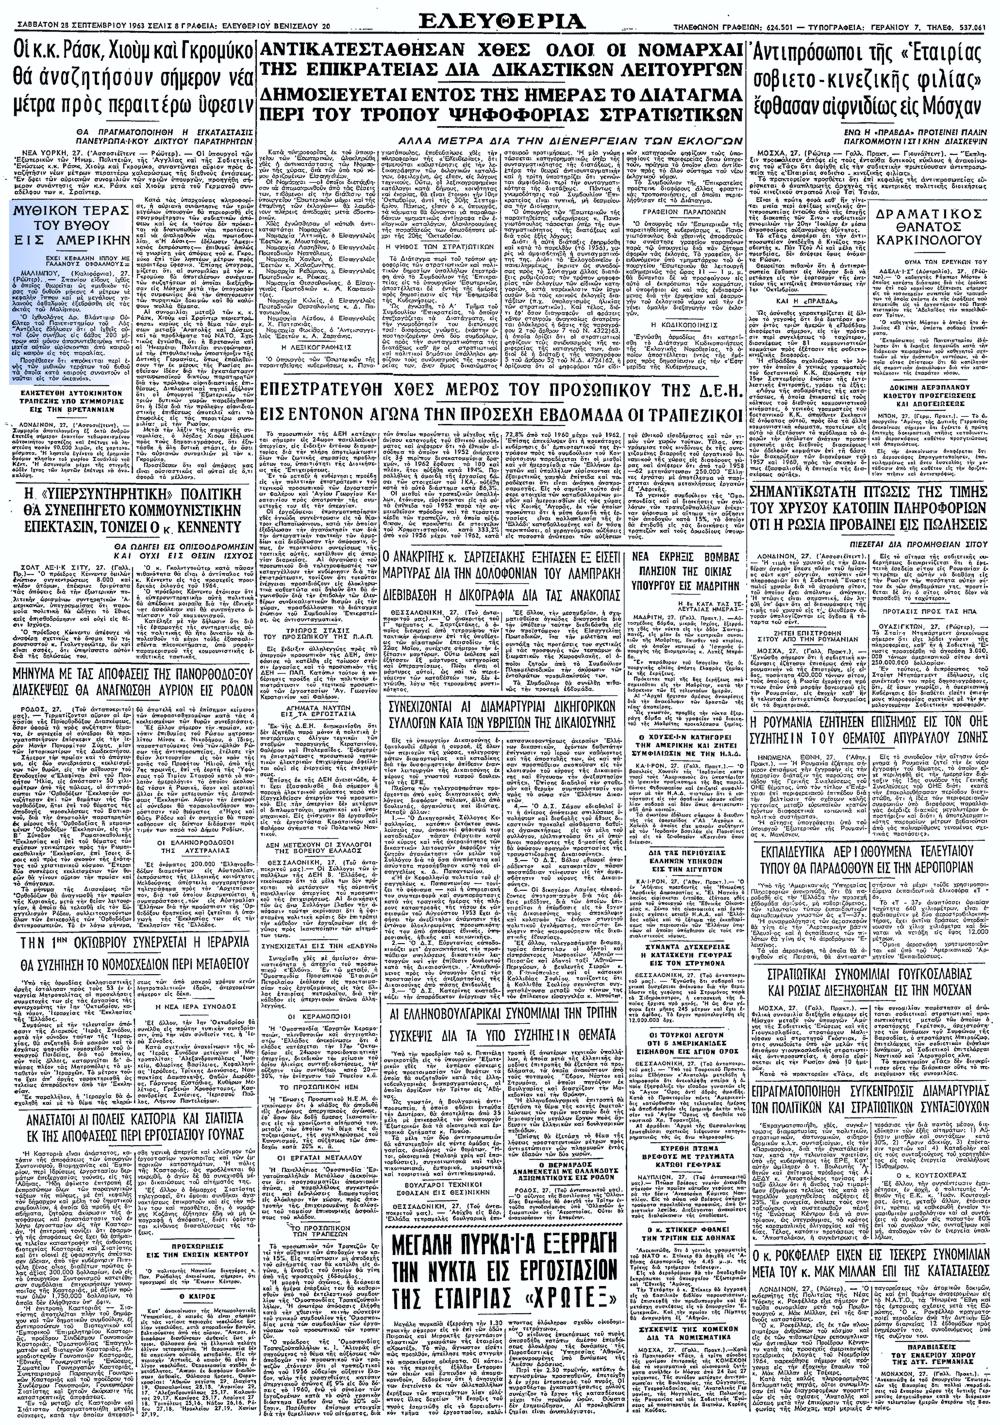 """Το άρθρο, όπως δημοσιεύθηκε στην εφημερίδα """"ΕΛΕΥΘΕΡΙΑ"""", στις 28/09/1963"""